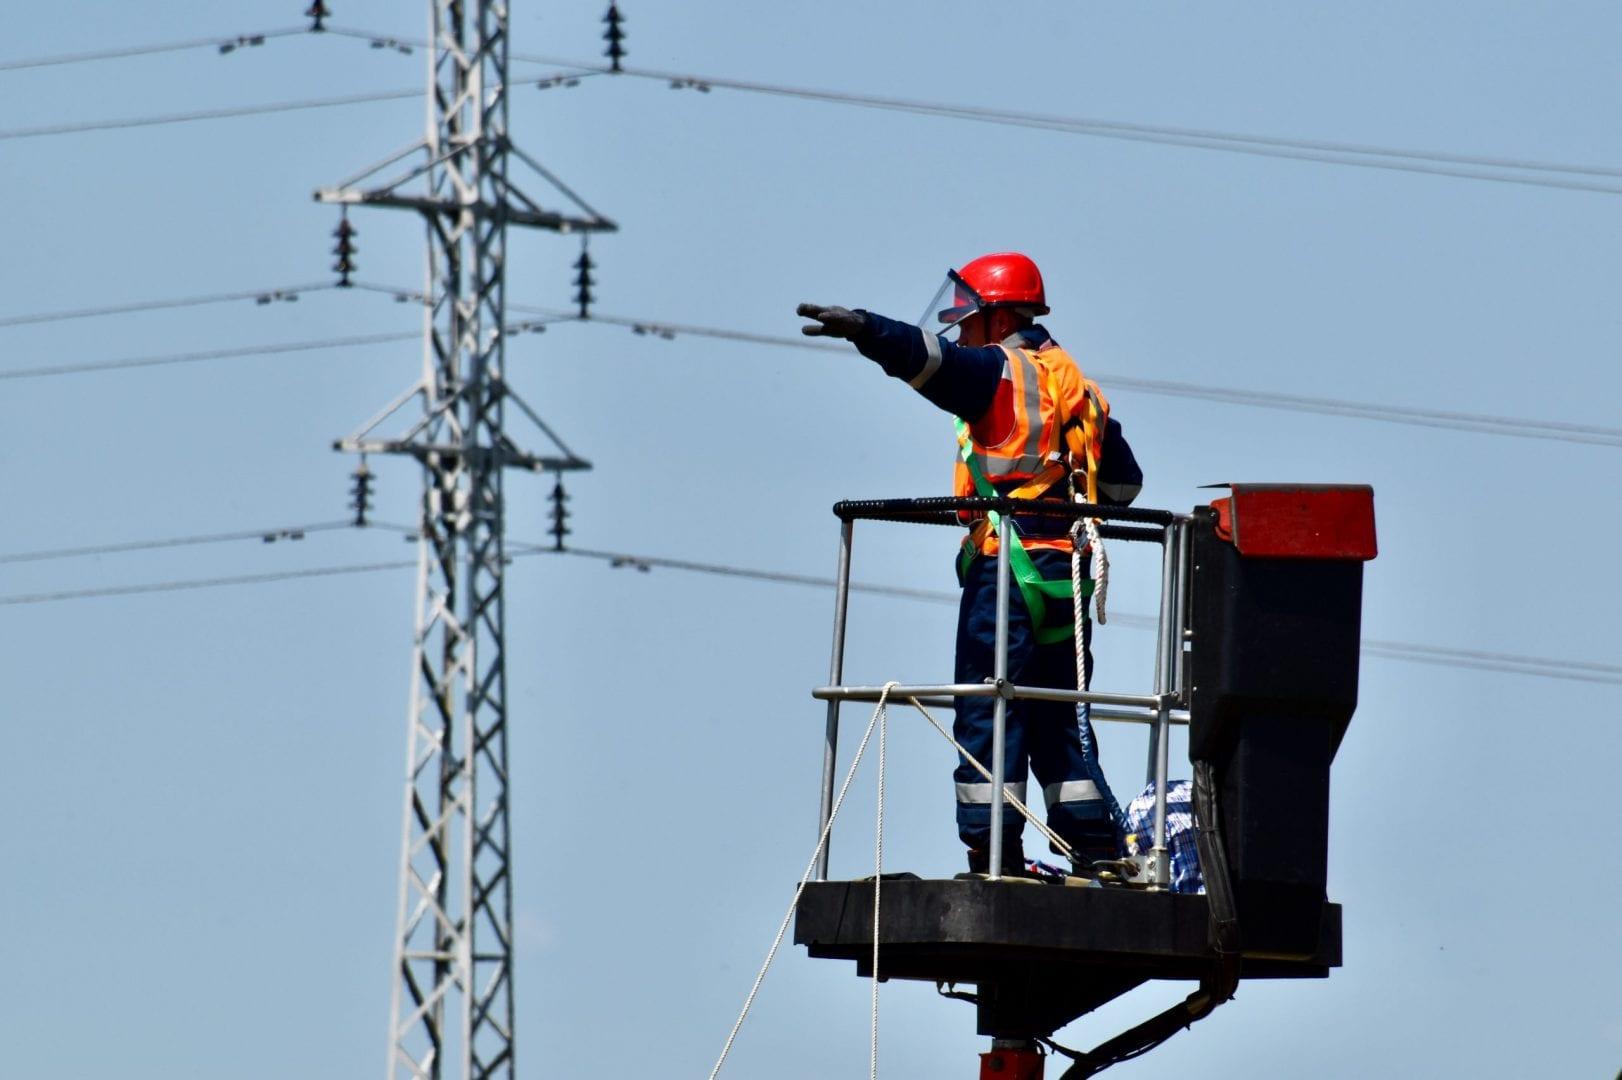 Corte de energia por falta de pagamento está proibido até 31 de julho